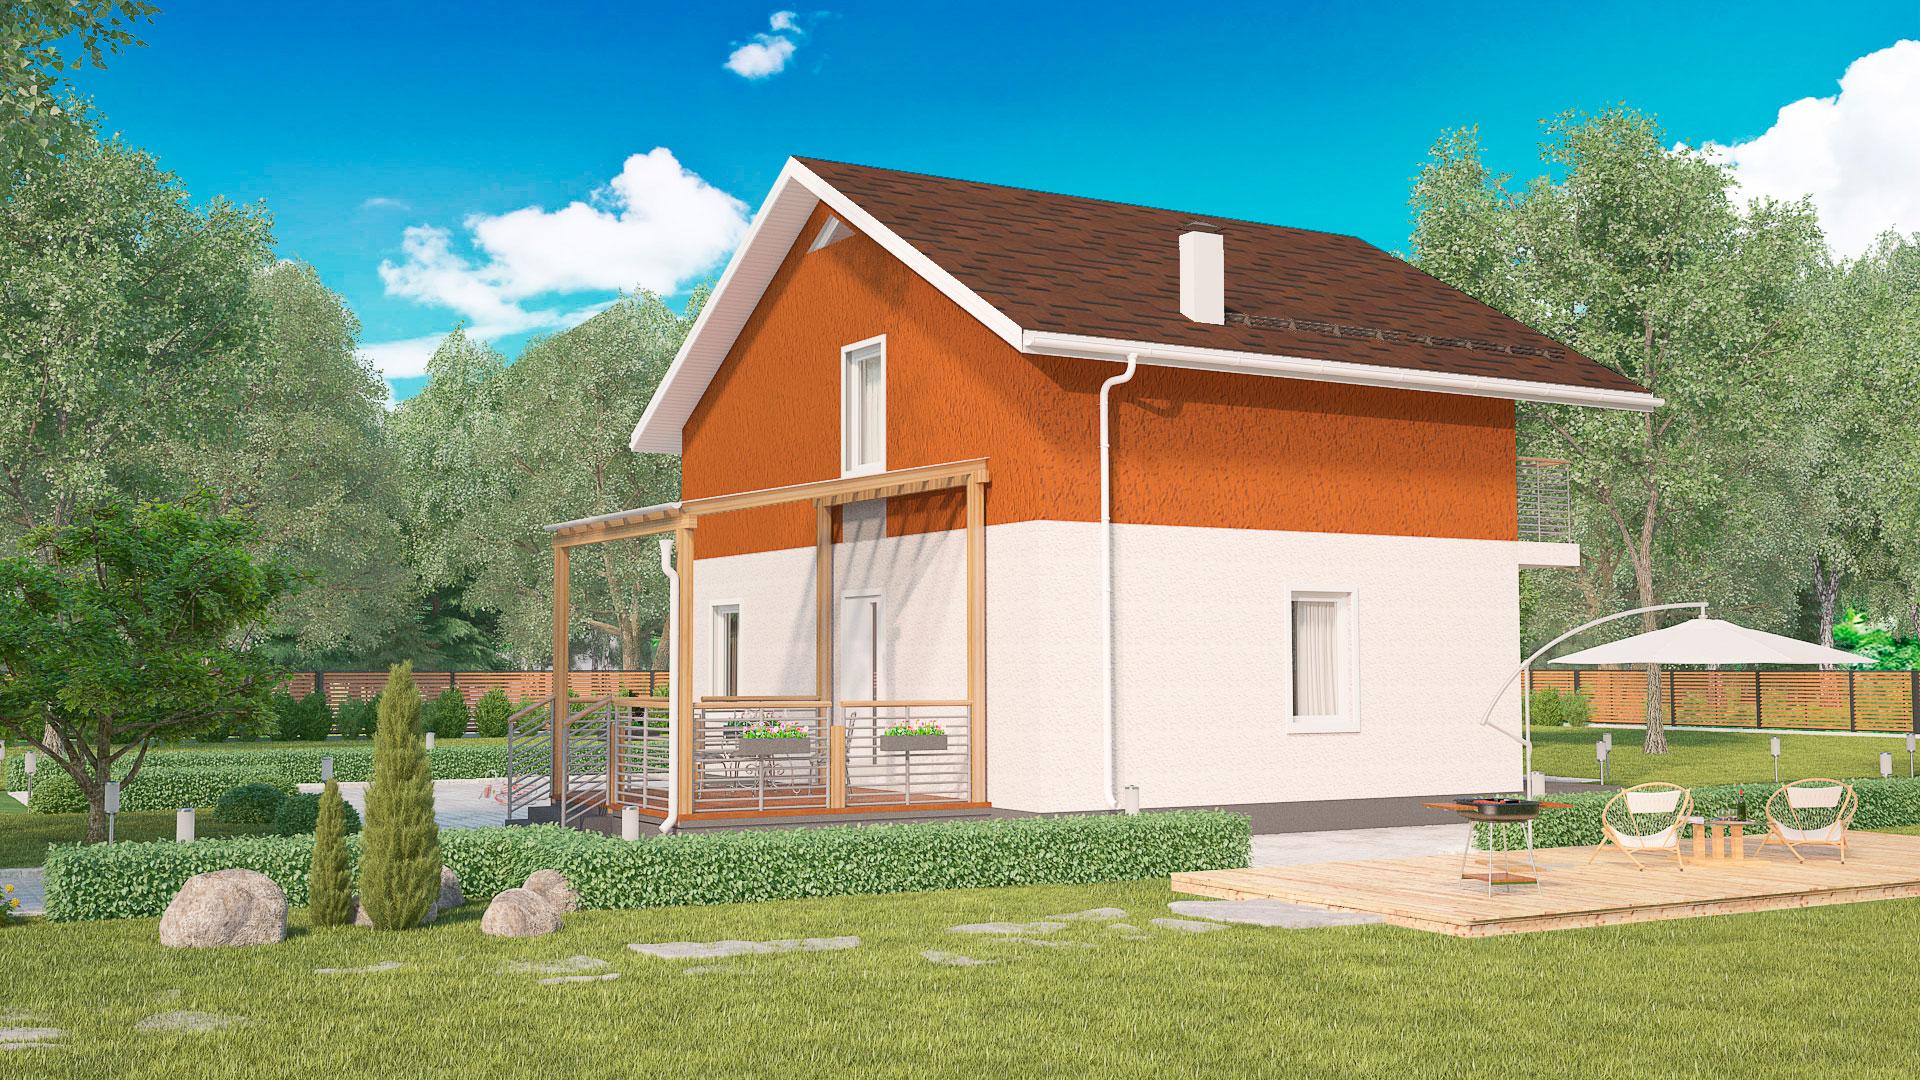 Задний фасад дома с эркером. Проект БЭНПАН МС-164.